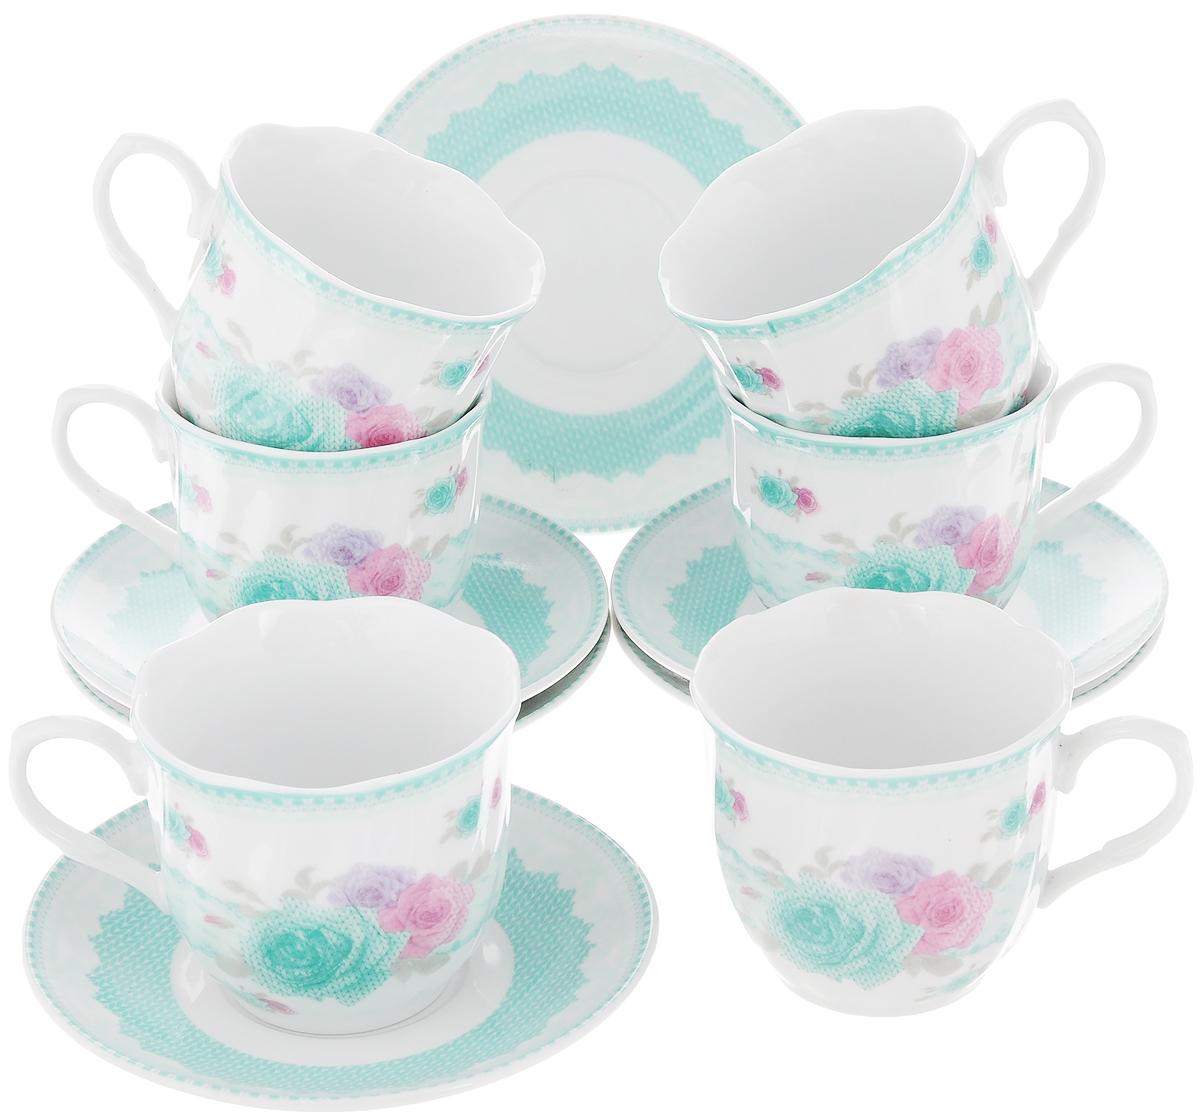 Чайный сервиз Loraine Цветы, 12 предметов25912Чайный сервиз Loraine Цветы состоит из 6 чашек и 6 блюдец. Изделия выполнены из высококачественного фарфора и украшены изящным рисунком. Такой сервиз будет великолепно смотреться на столе, он отлично дополнит сервировку стола для чаепития и порадует вас изысканным дизайном и качеством исполнения. Сервиз упакован в подарочную картонную коробку, задрапированную белой атласной тканью. Чайный сервиз Loraine Цветы станет хорошим подарком к любому случаю и порадует получателя. Объем чашки: 220 мл. Диаметр чашки (по верхнему краю): 8 см. Высота чашки: 7,5 см. Диаметр блюдца: 13,5 см.